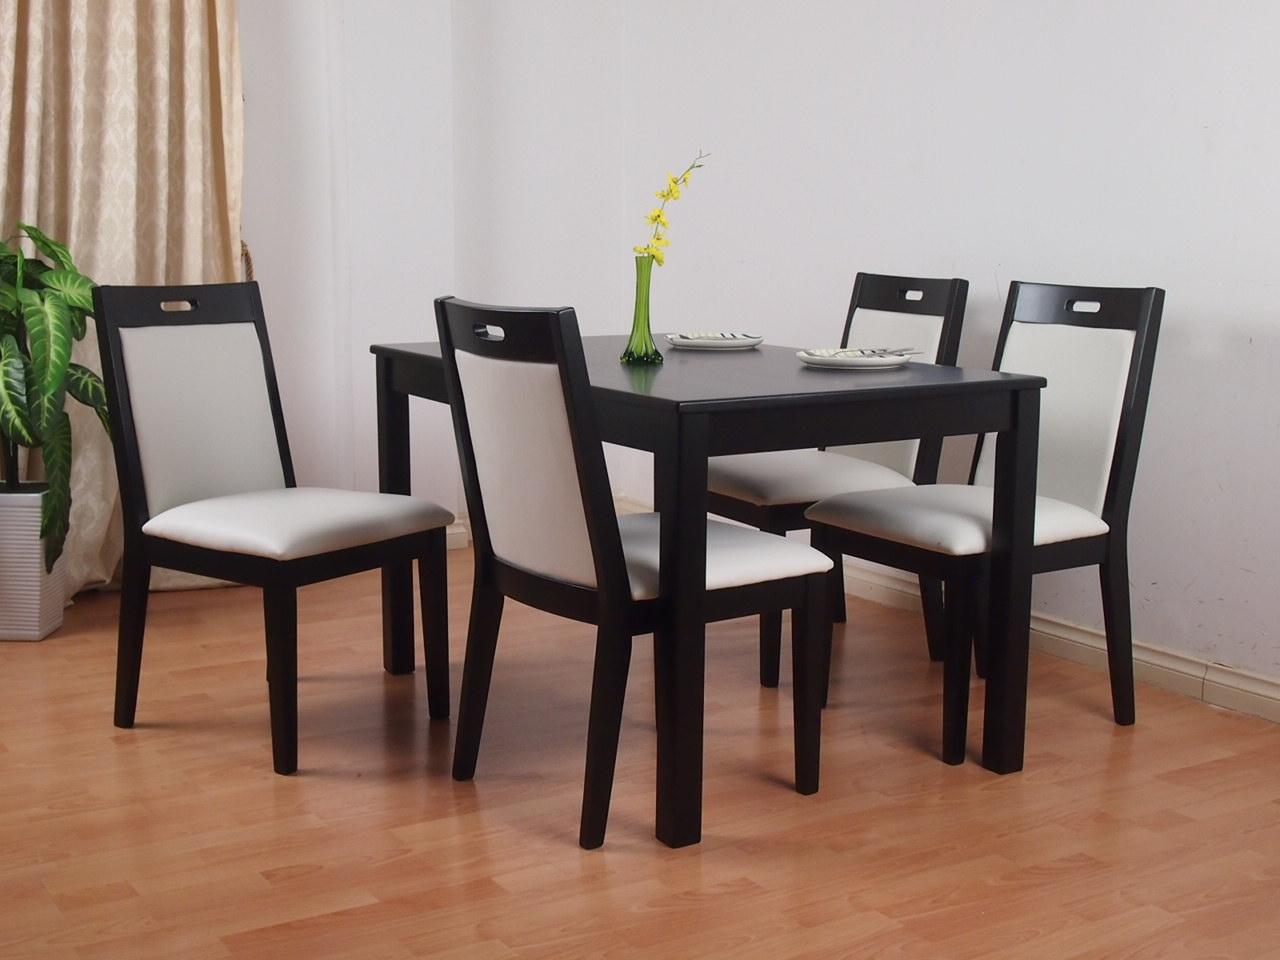 Những lưu ý vàng khi mua ghế ăn hiện đại, độc đáo cho không gian phòng ăn 4